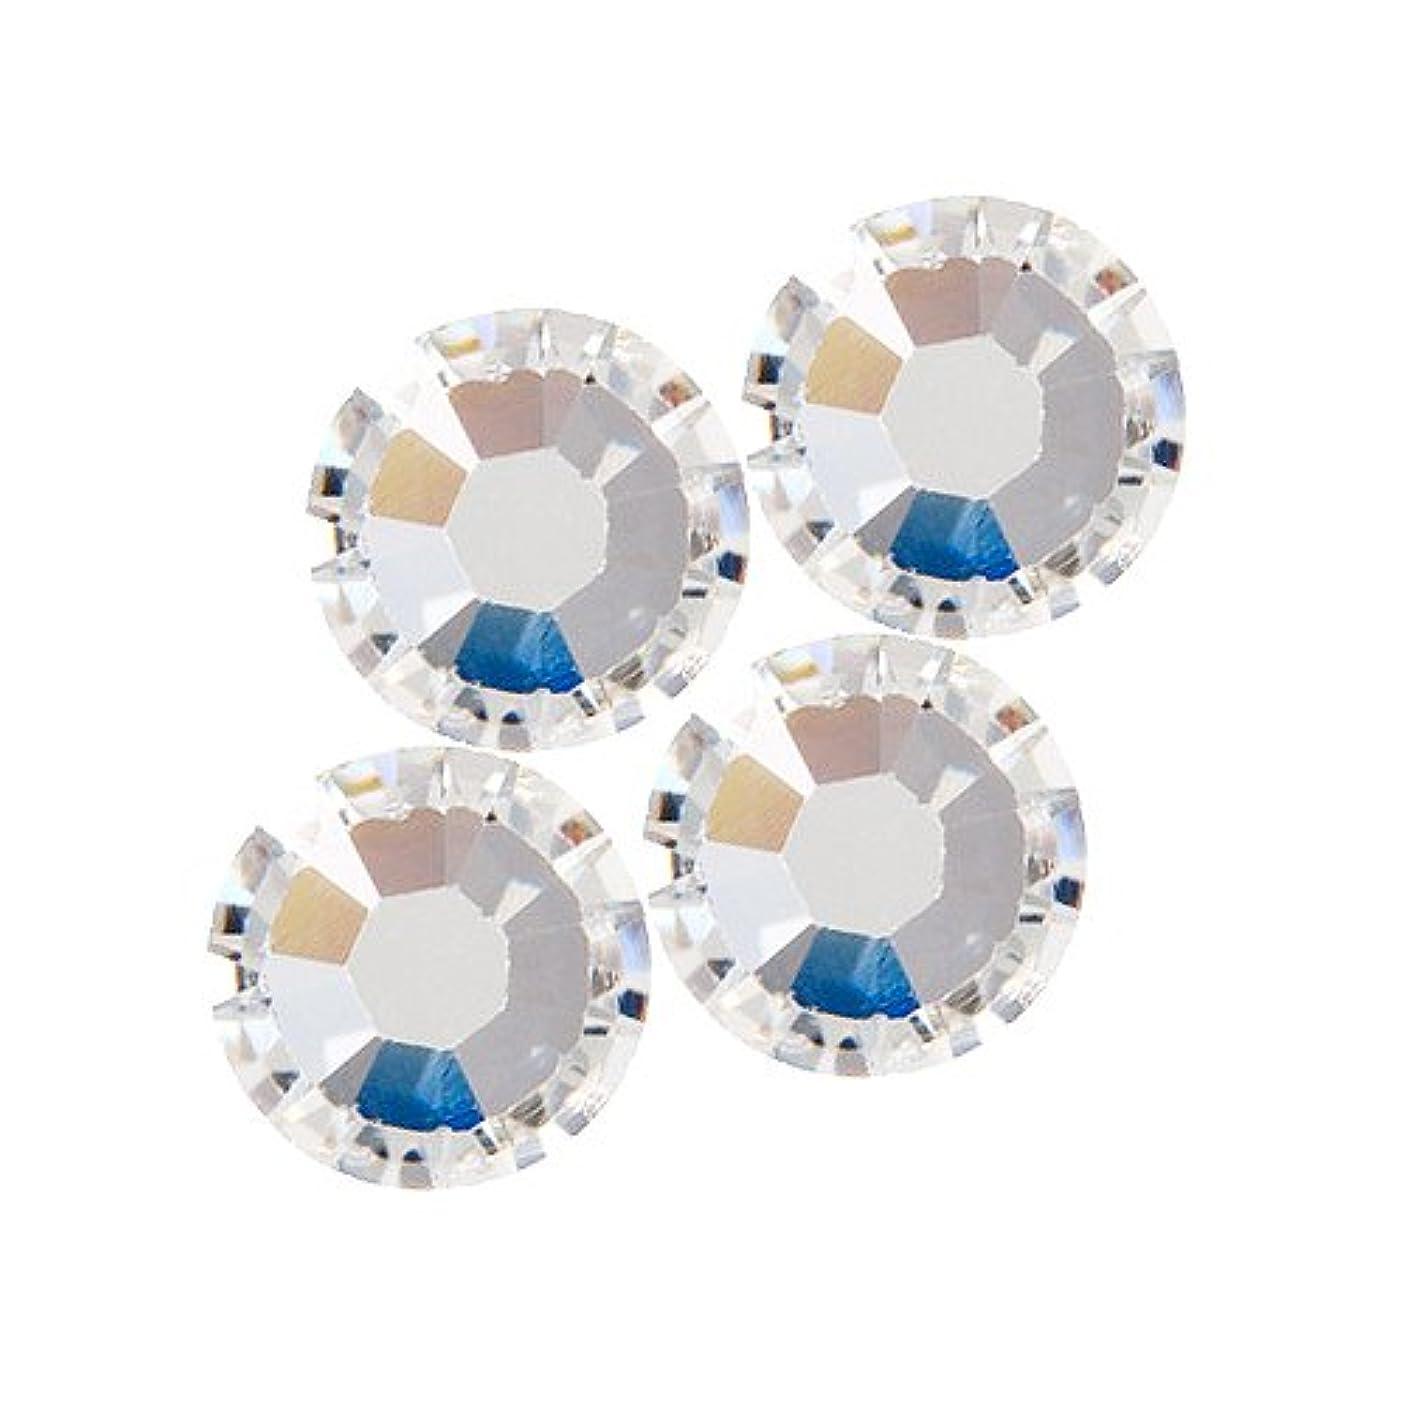 品衝突する請うバイナル DIAMOND RHINESTONE  クリスタル SS6 720粒 ST-SS6-CRY-5G